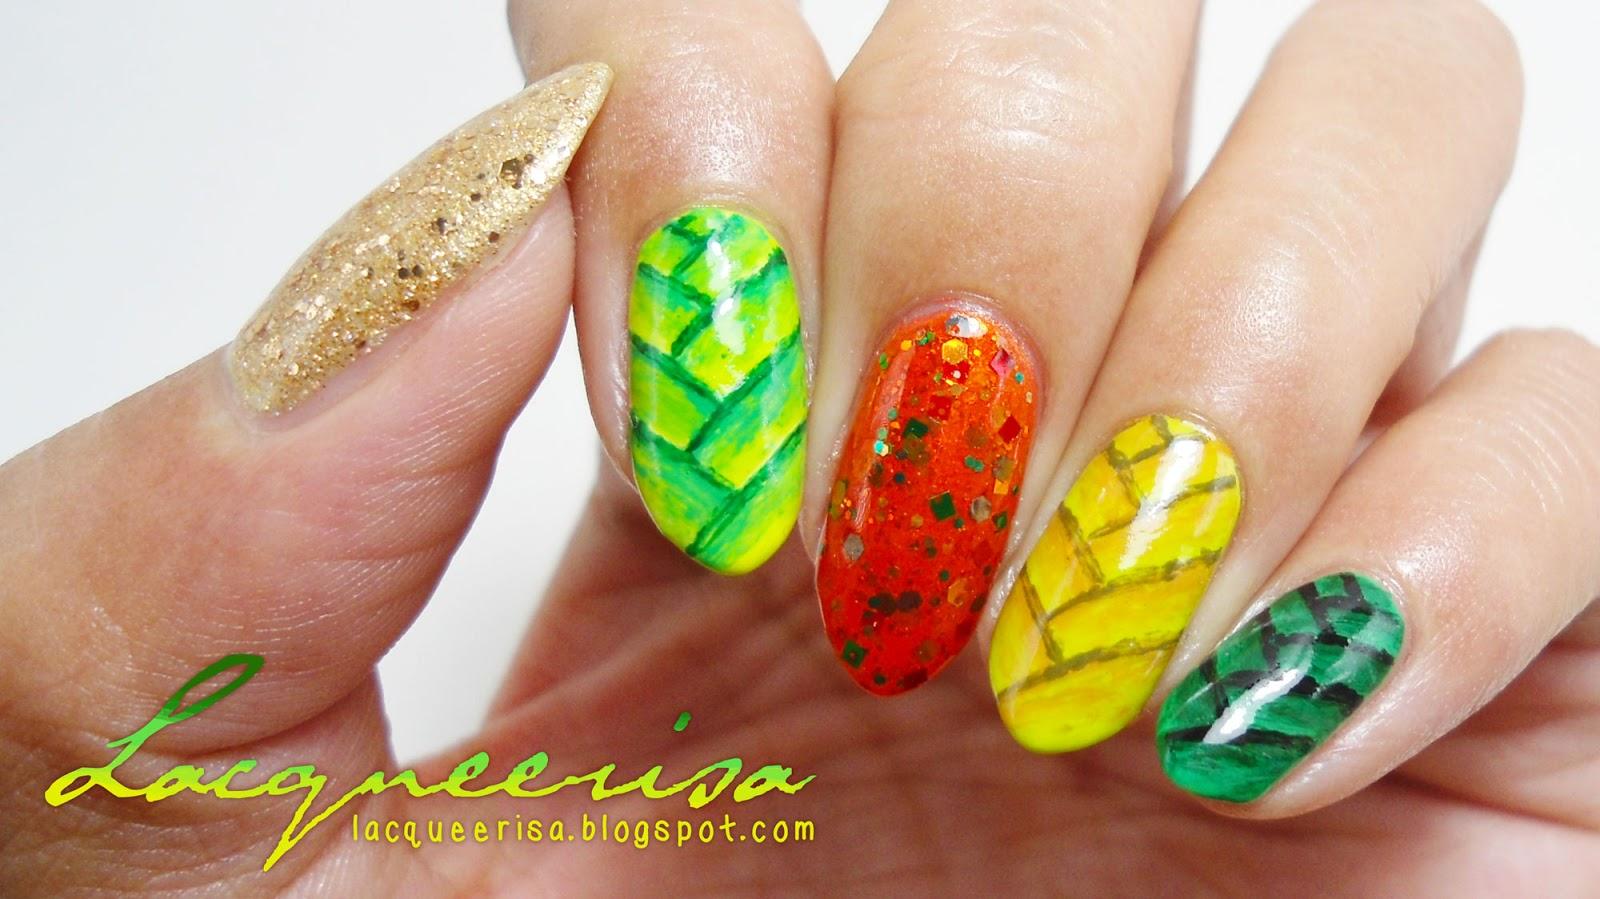 Ketupat Nails lacqueerisa.blogspot.com